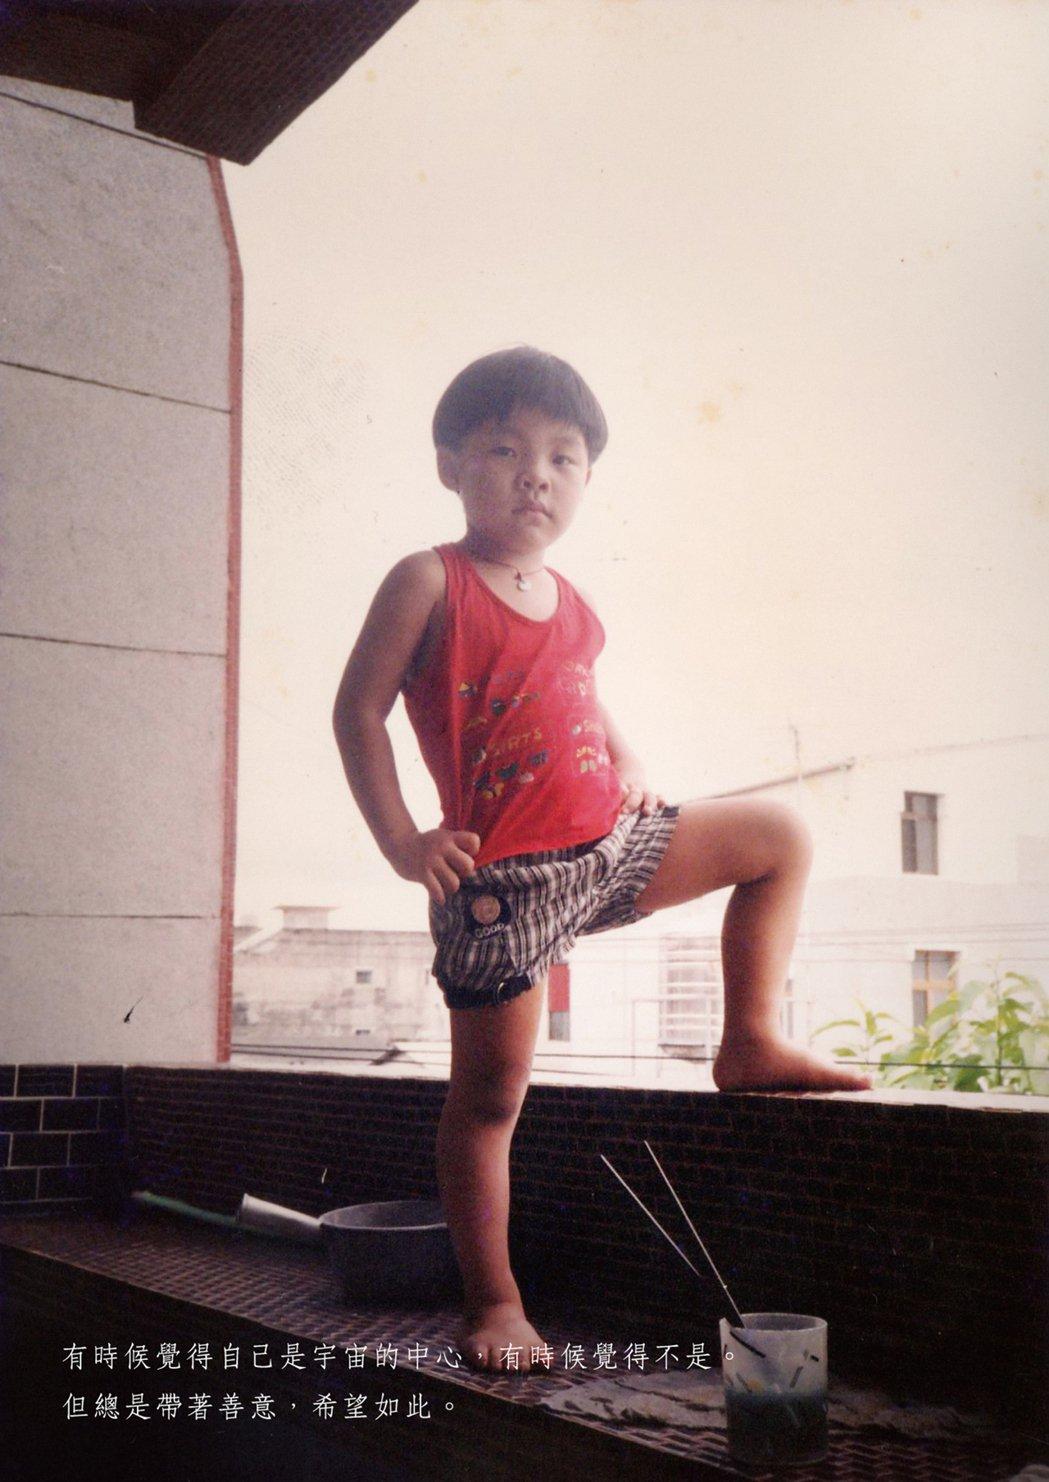 盧廣仲6歲時的照片。圖/添翼創越工作室提供